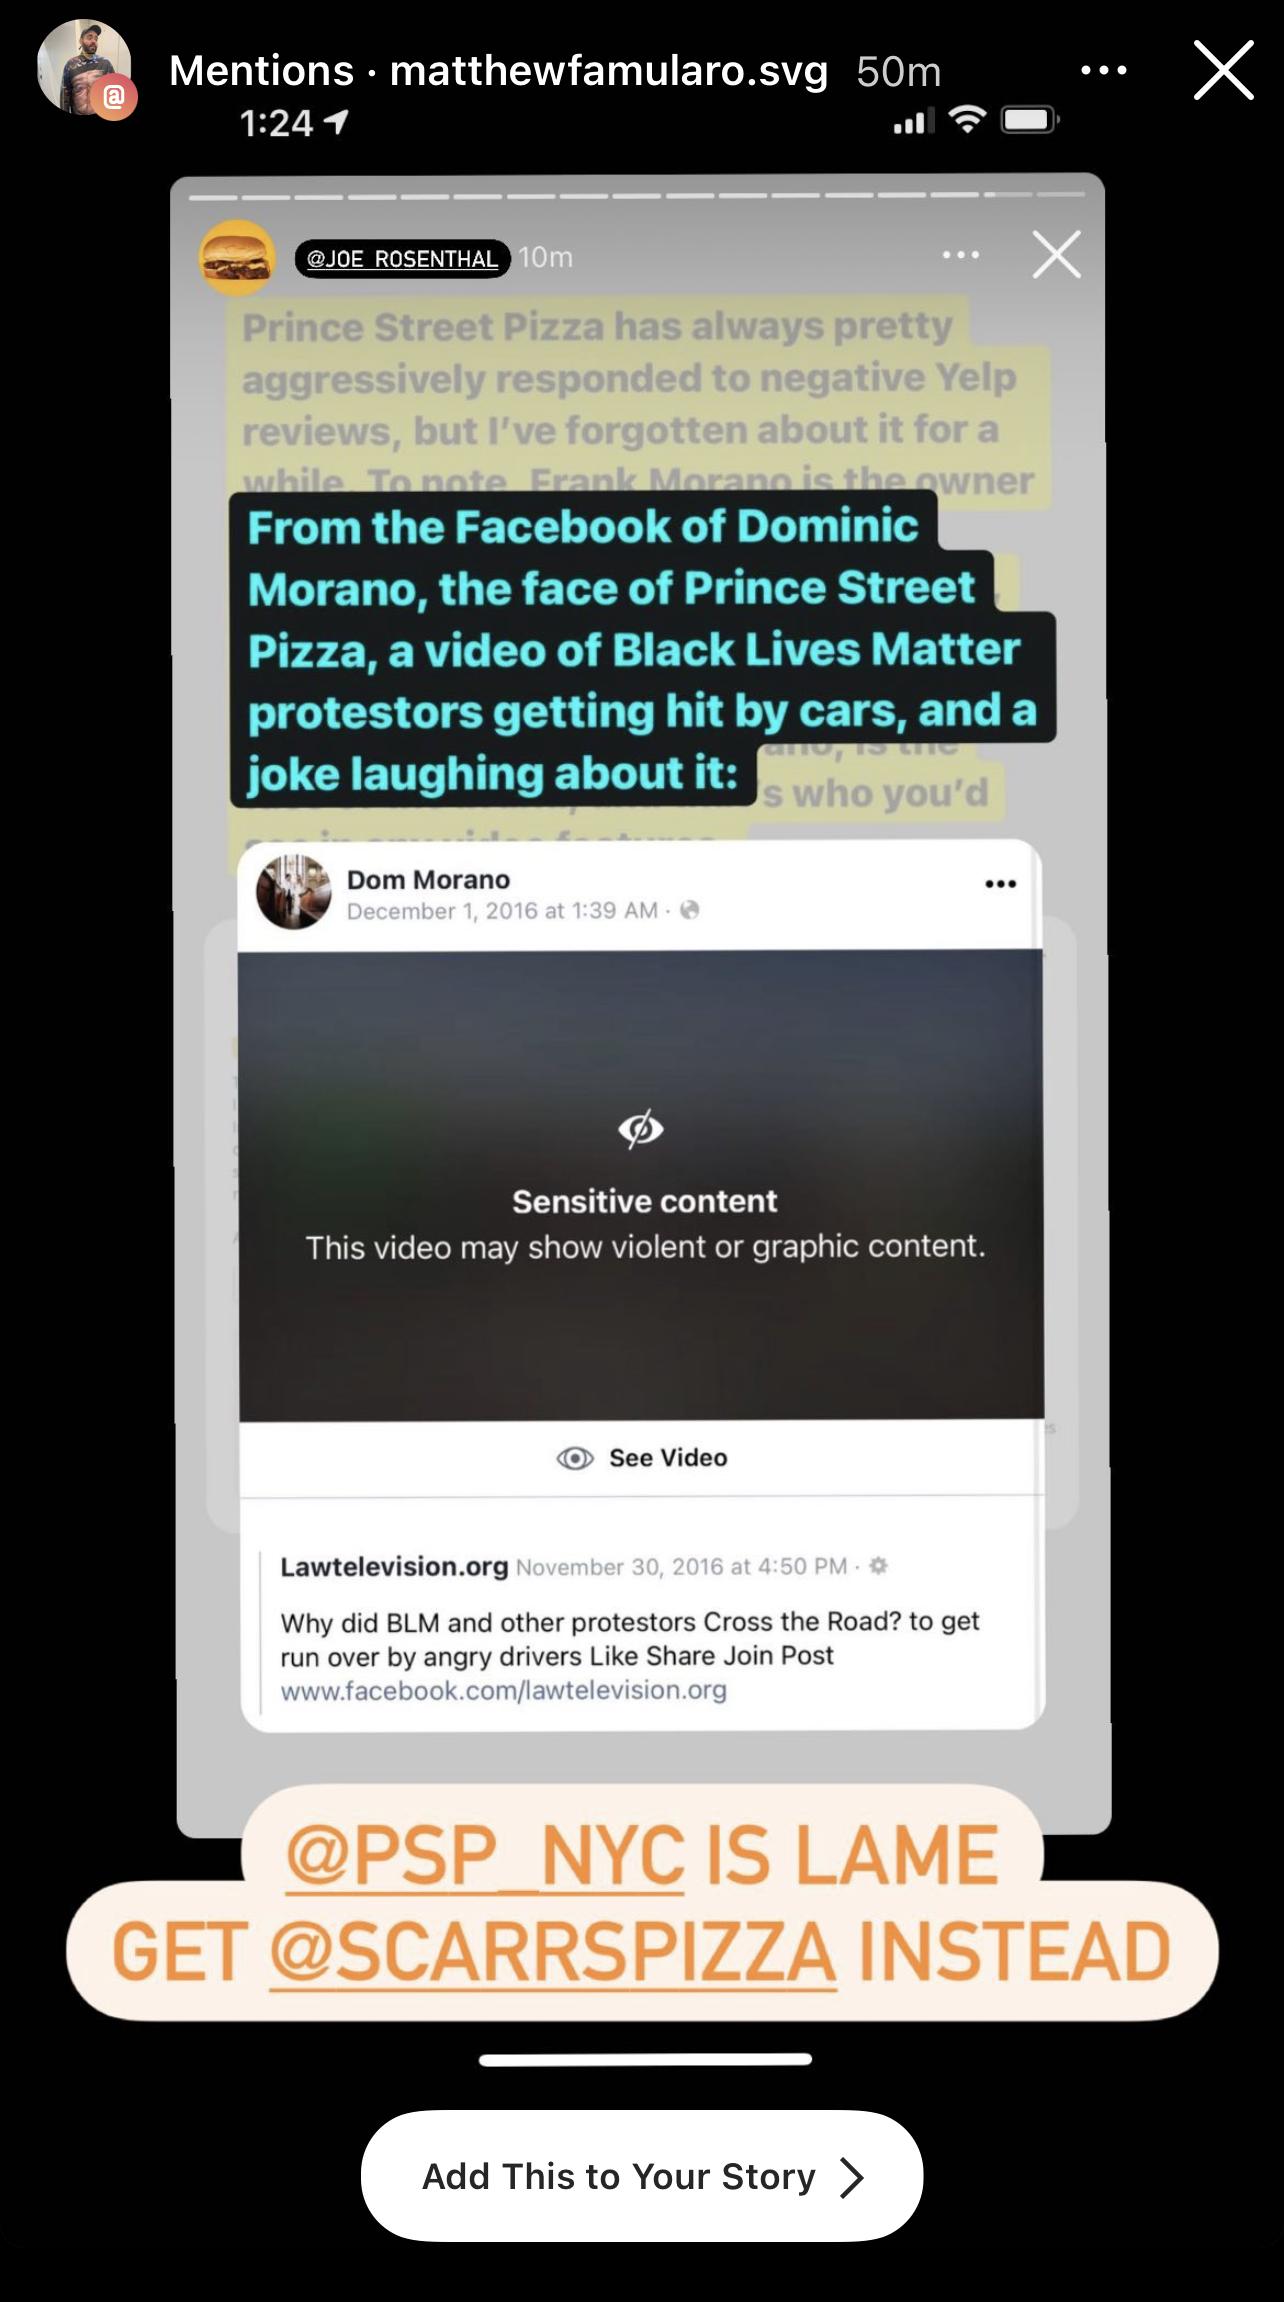 Matthew Famularo (@matthewfamularo.svg) reposting Joe Rosenthal's (@joe_rosenthal) Story with added text. December 24, 2020